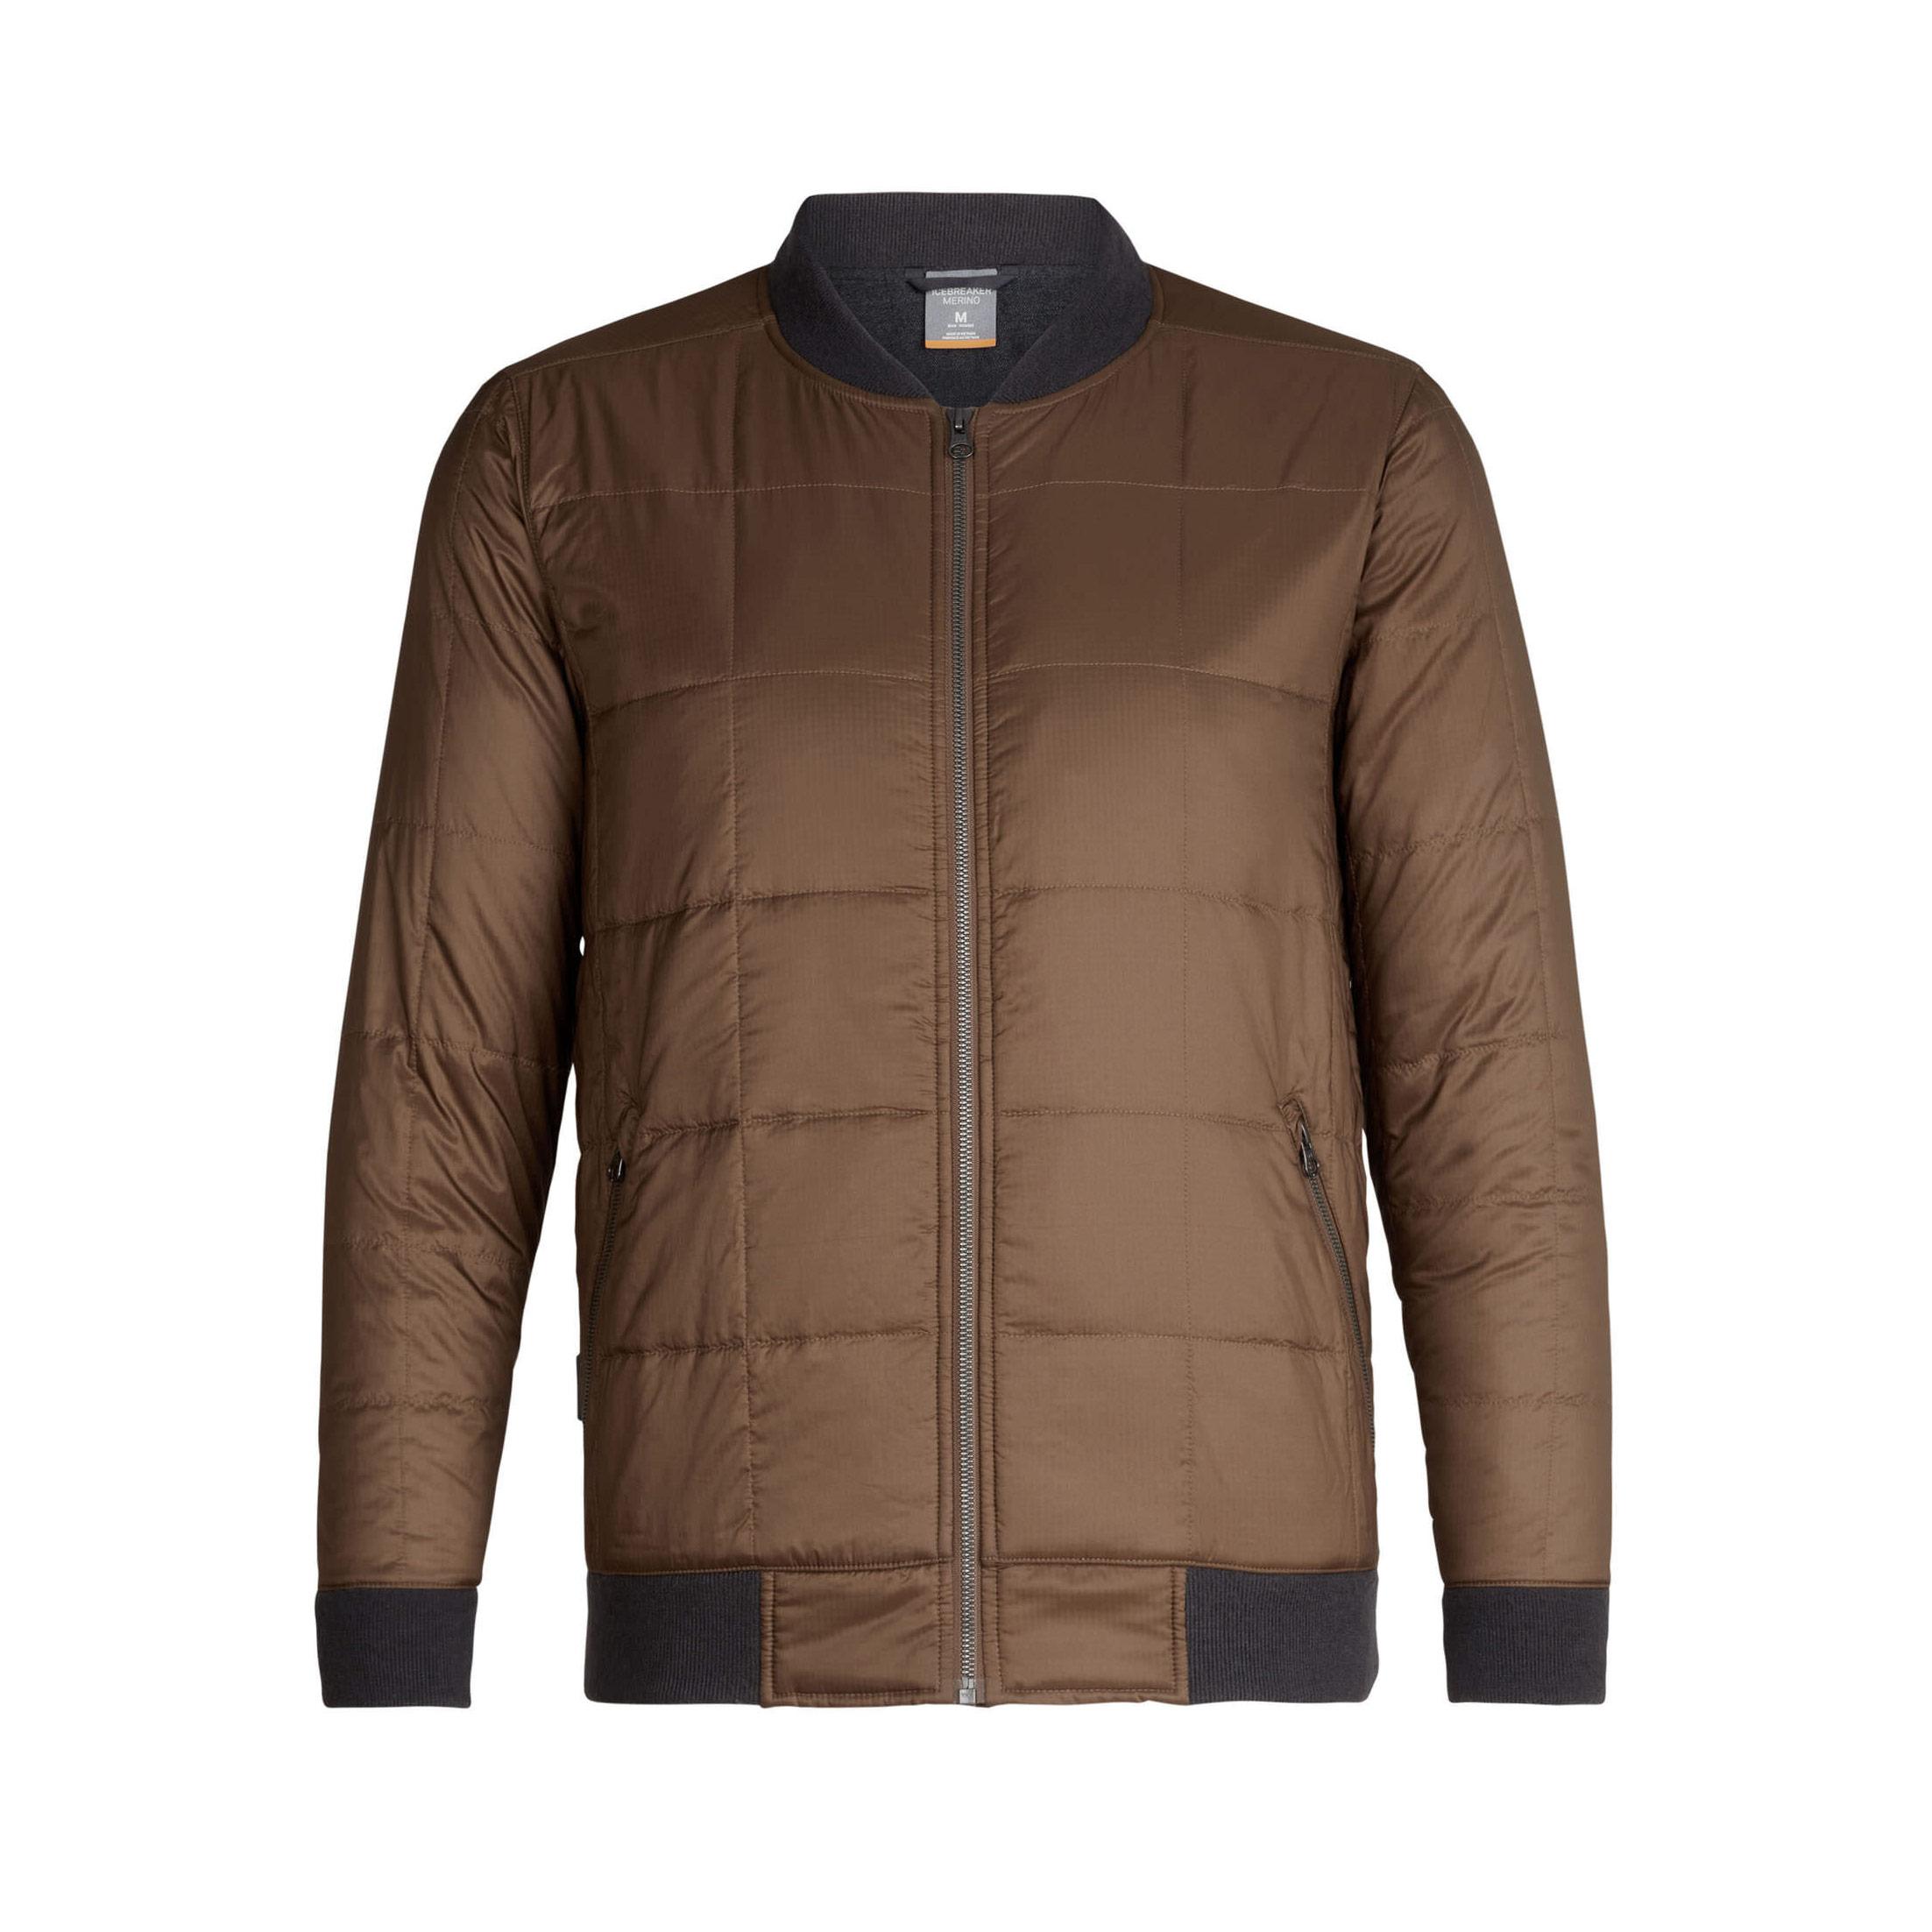 Venturous Jacket - Men's